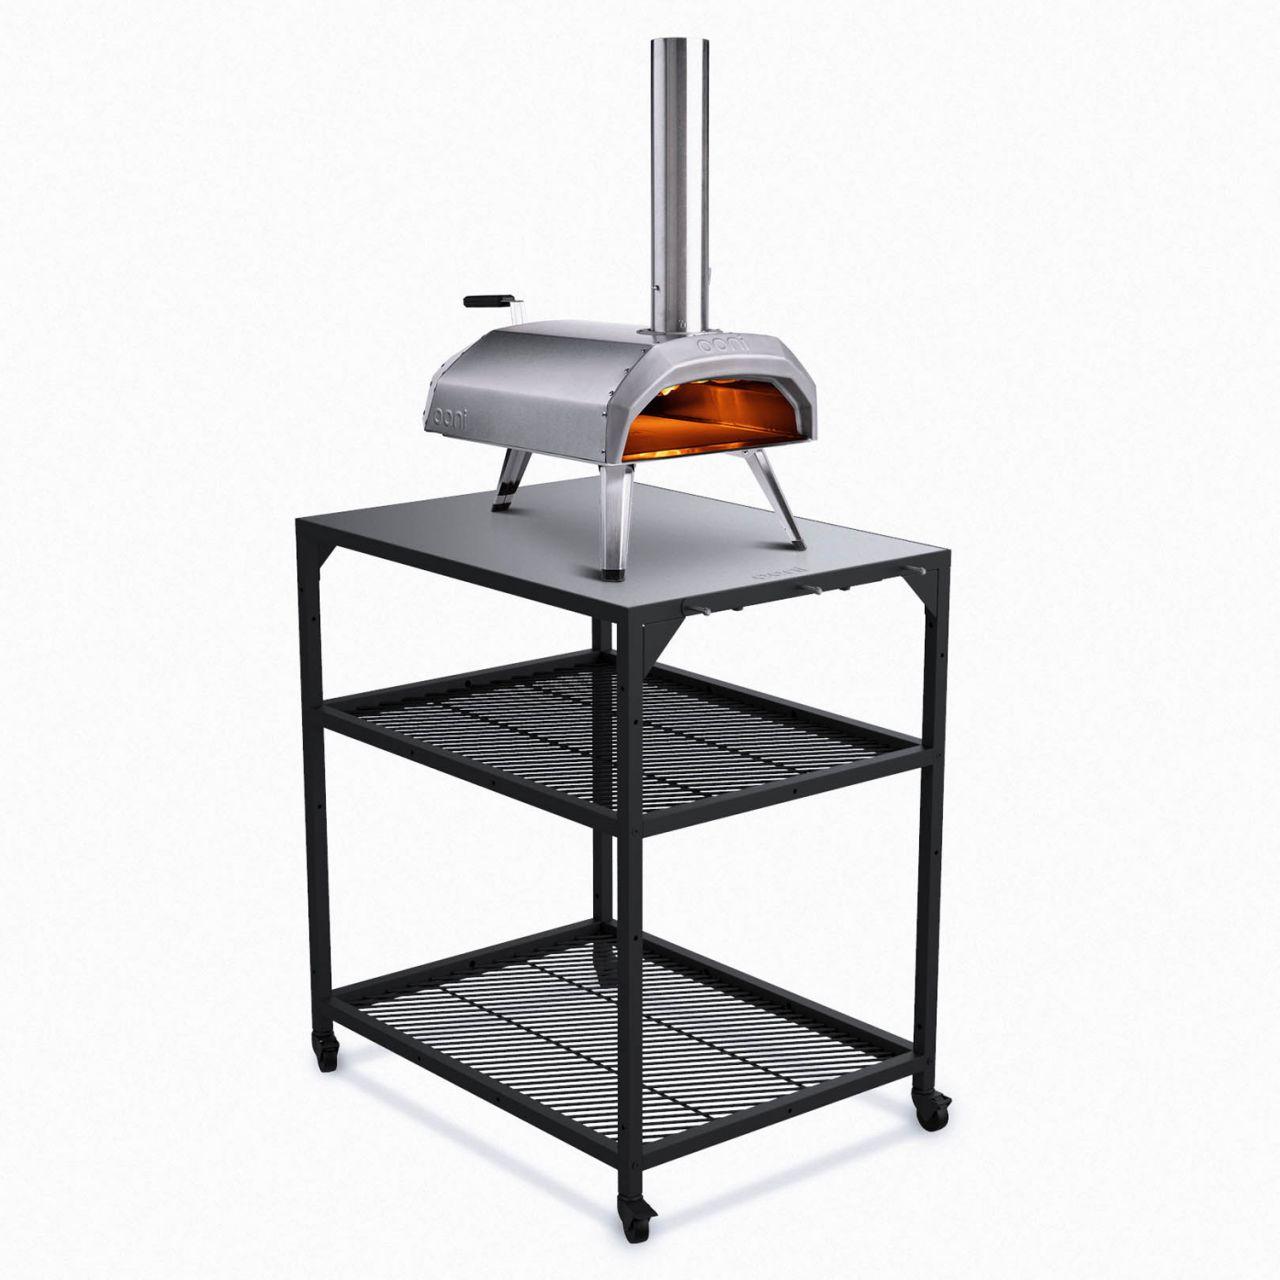 Ooni Pizzaofentisch länglich UU-P09700